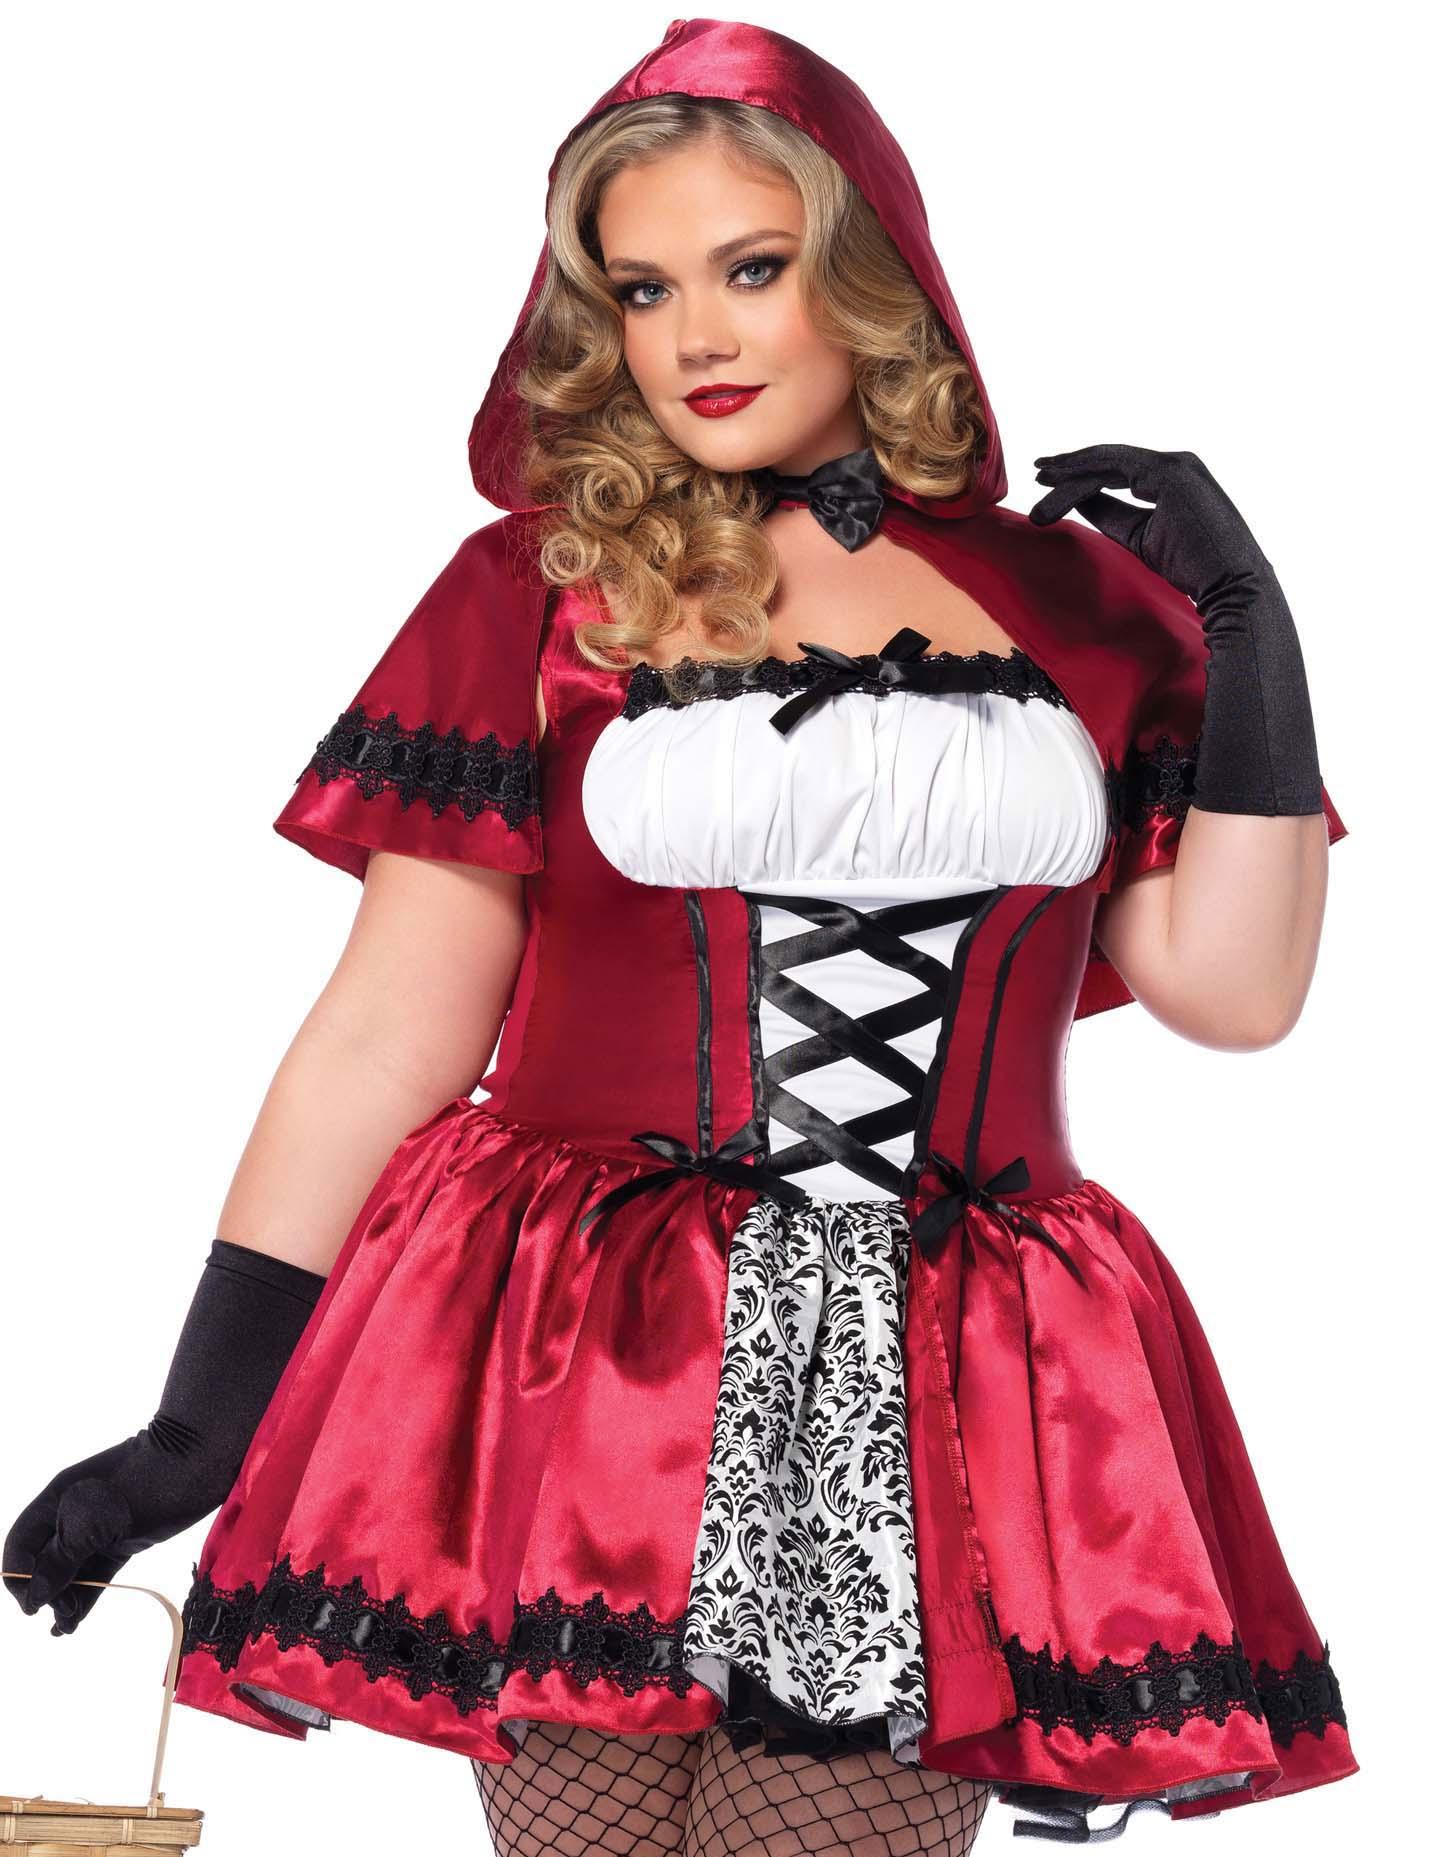 Disfraz Caperucita Roja Mujer Talla Grande Disfraces Adultos Y